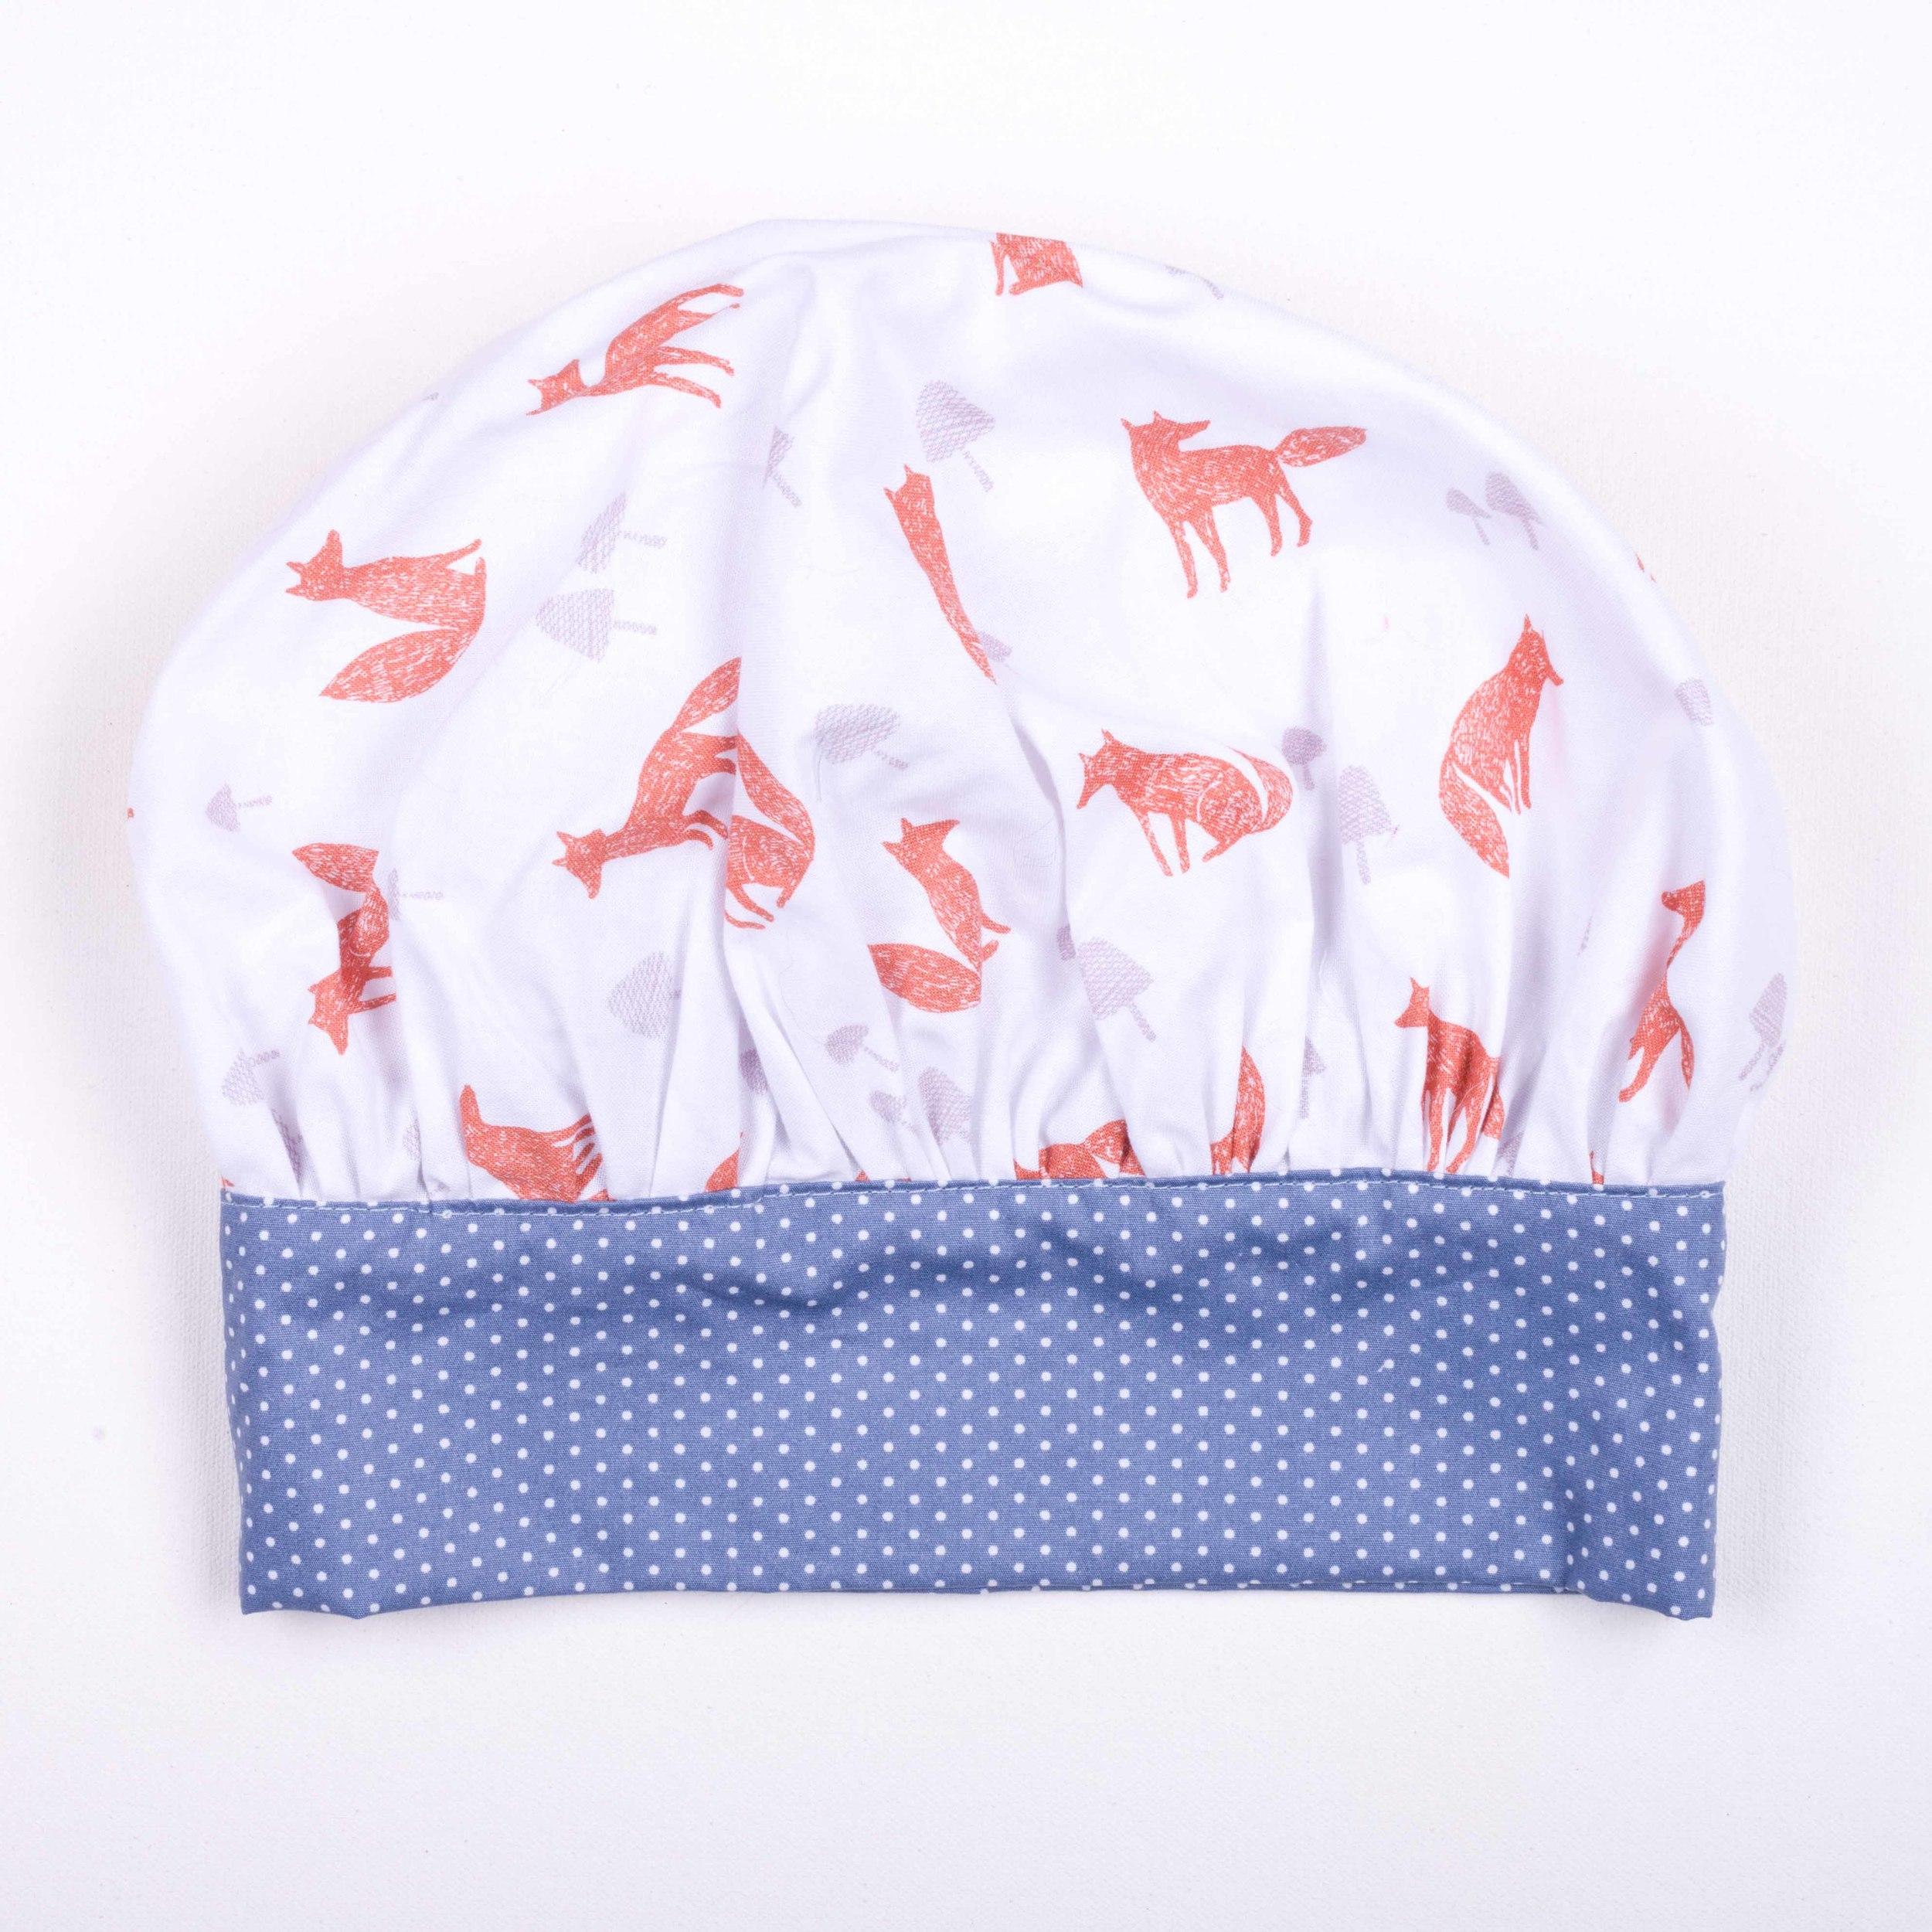 Skoo KidsKitchen Foxes Print Chefs Hat